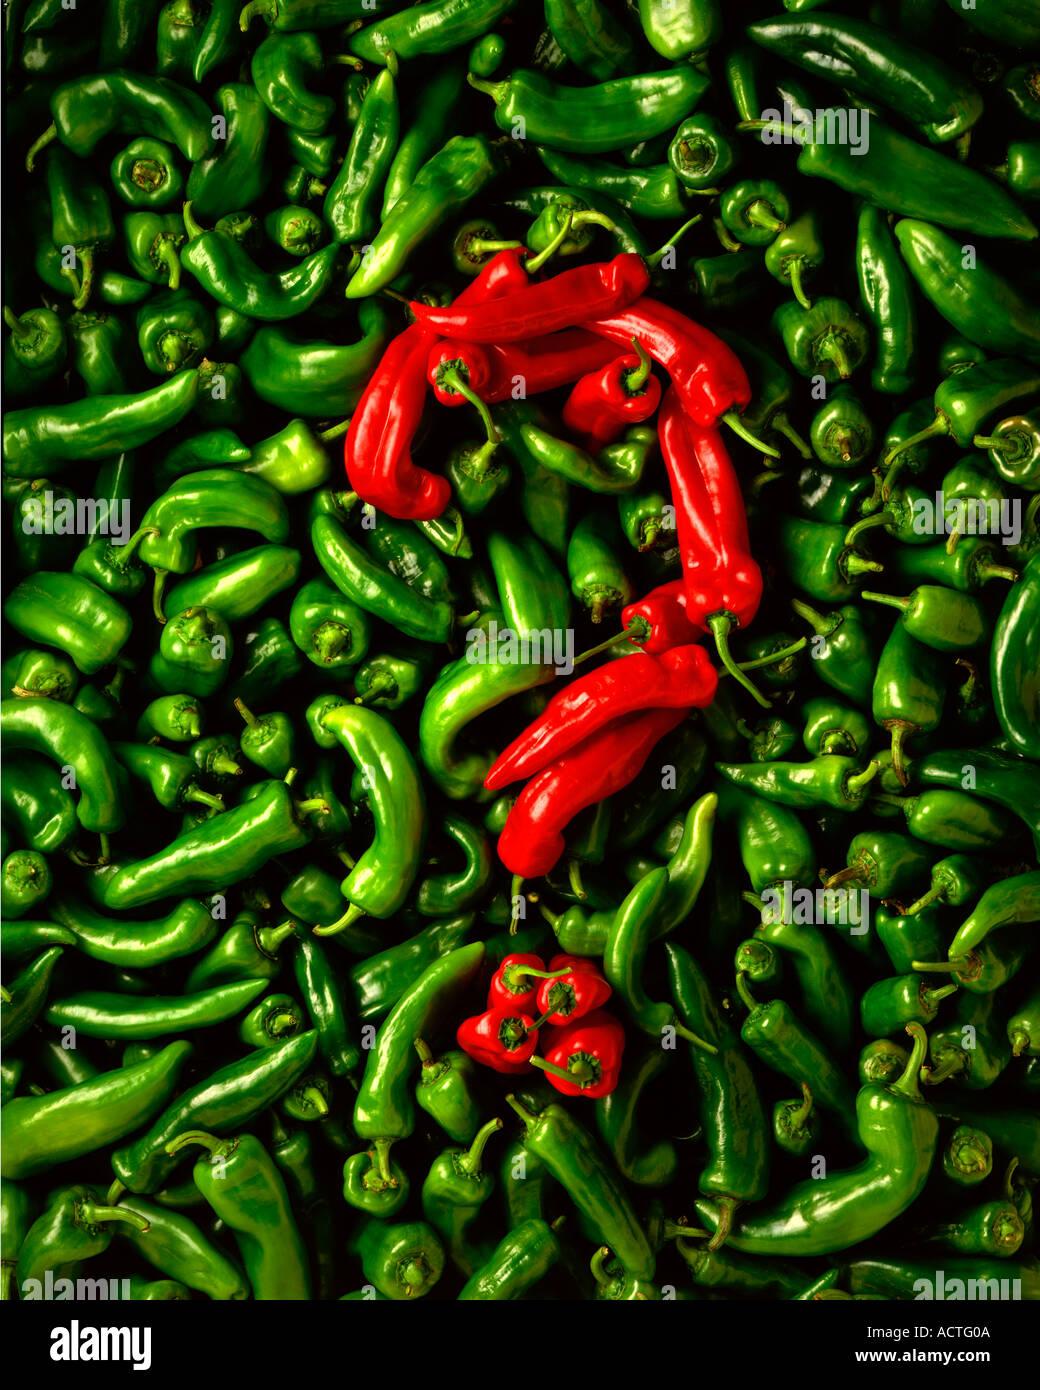 Peperoni punto interrogativo utilizzando entrambi i peperoni rossi e verdi Immagini Stock